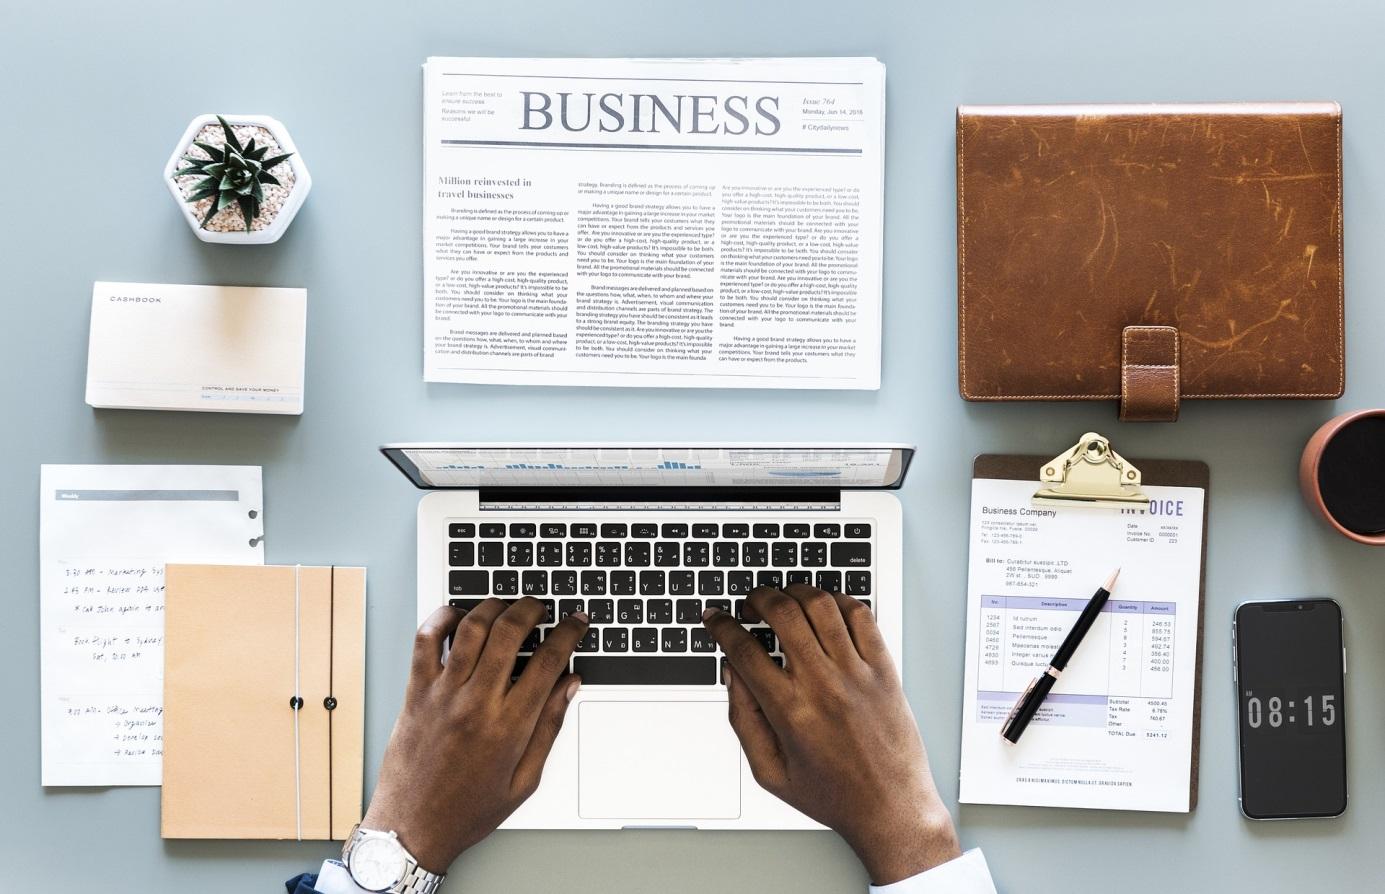 Pożyczka – formularz zgłoszeniowy, umowa, odstąpienie czyli wszystko, co musisz wiedzieć przed złożeniem wniosku